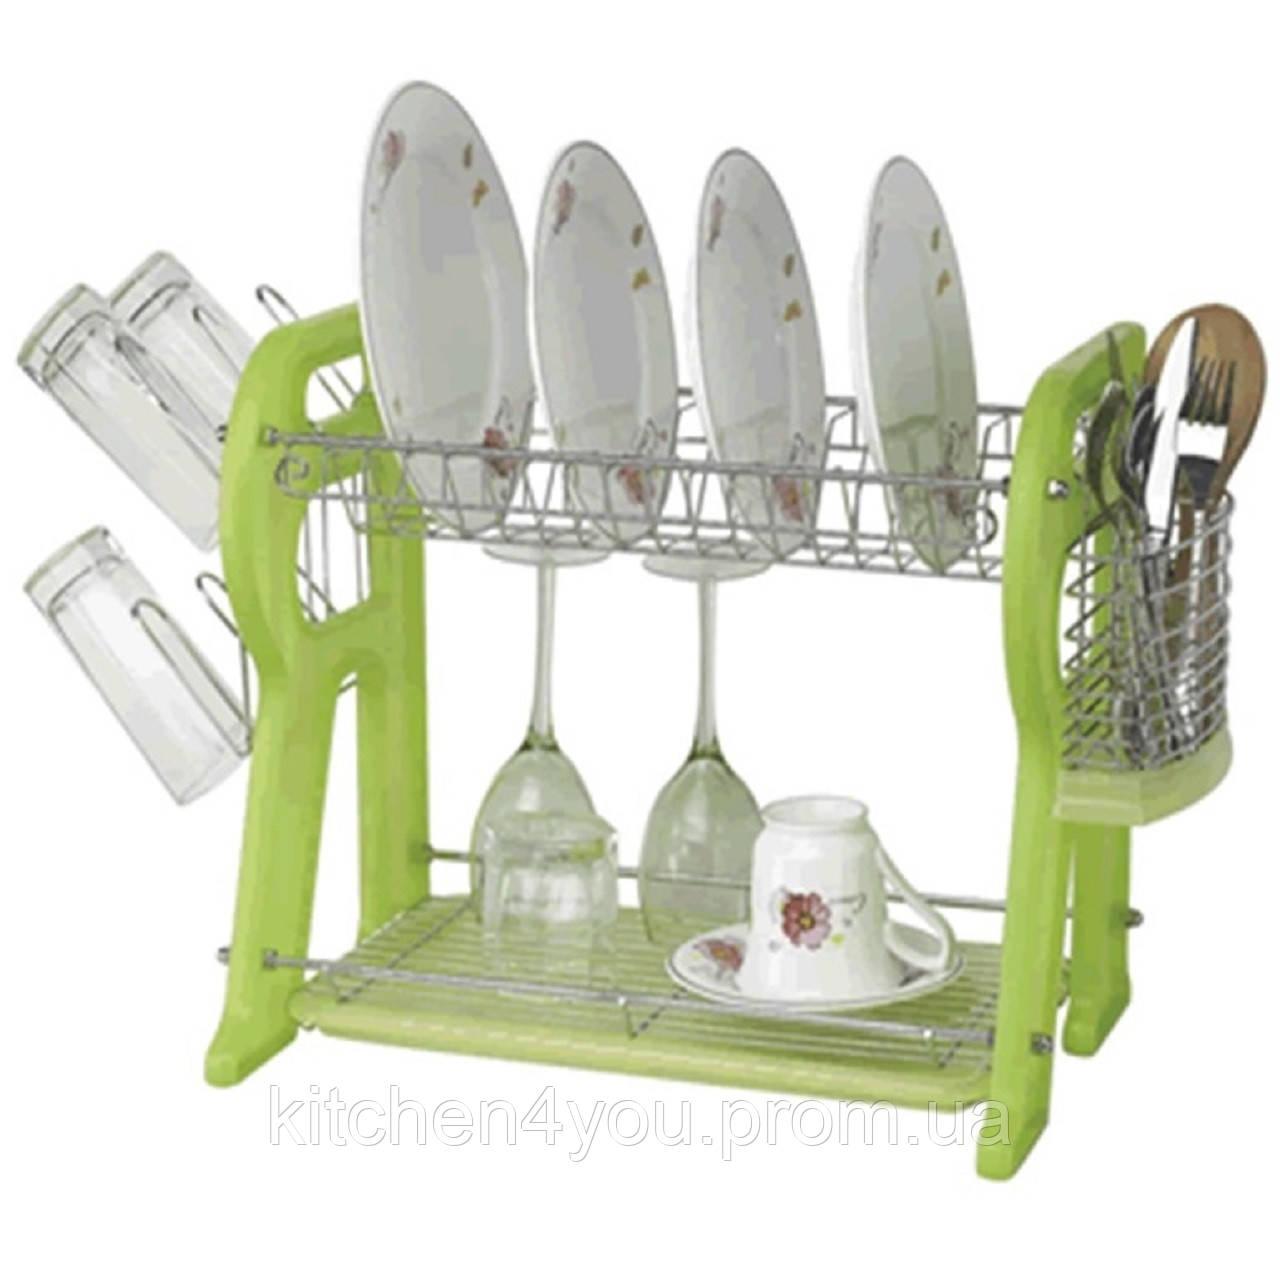 Настільна сушка для посуду LF-881В (565х295х360 мм.) хром / зелений пластик